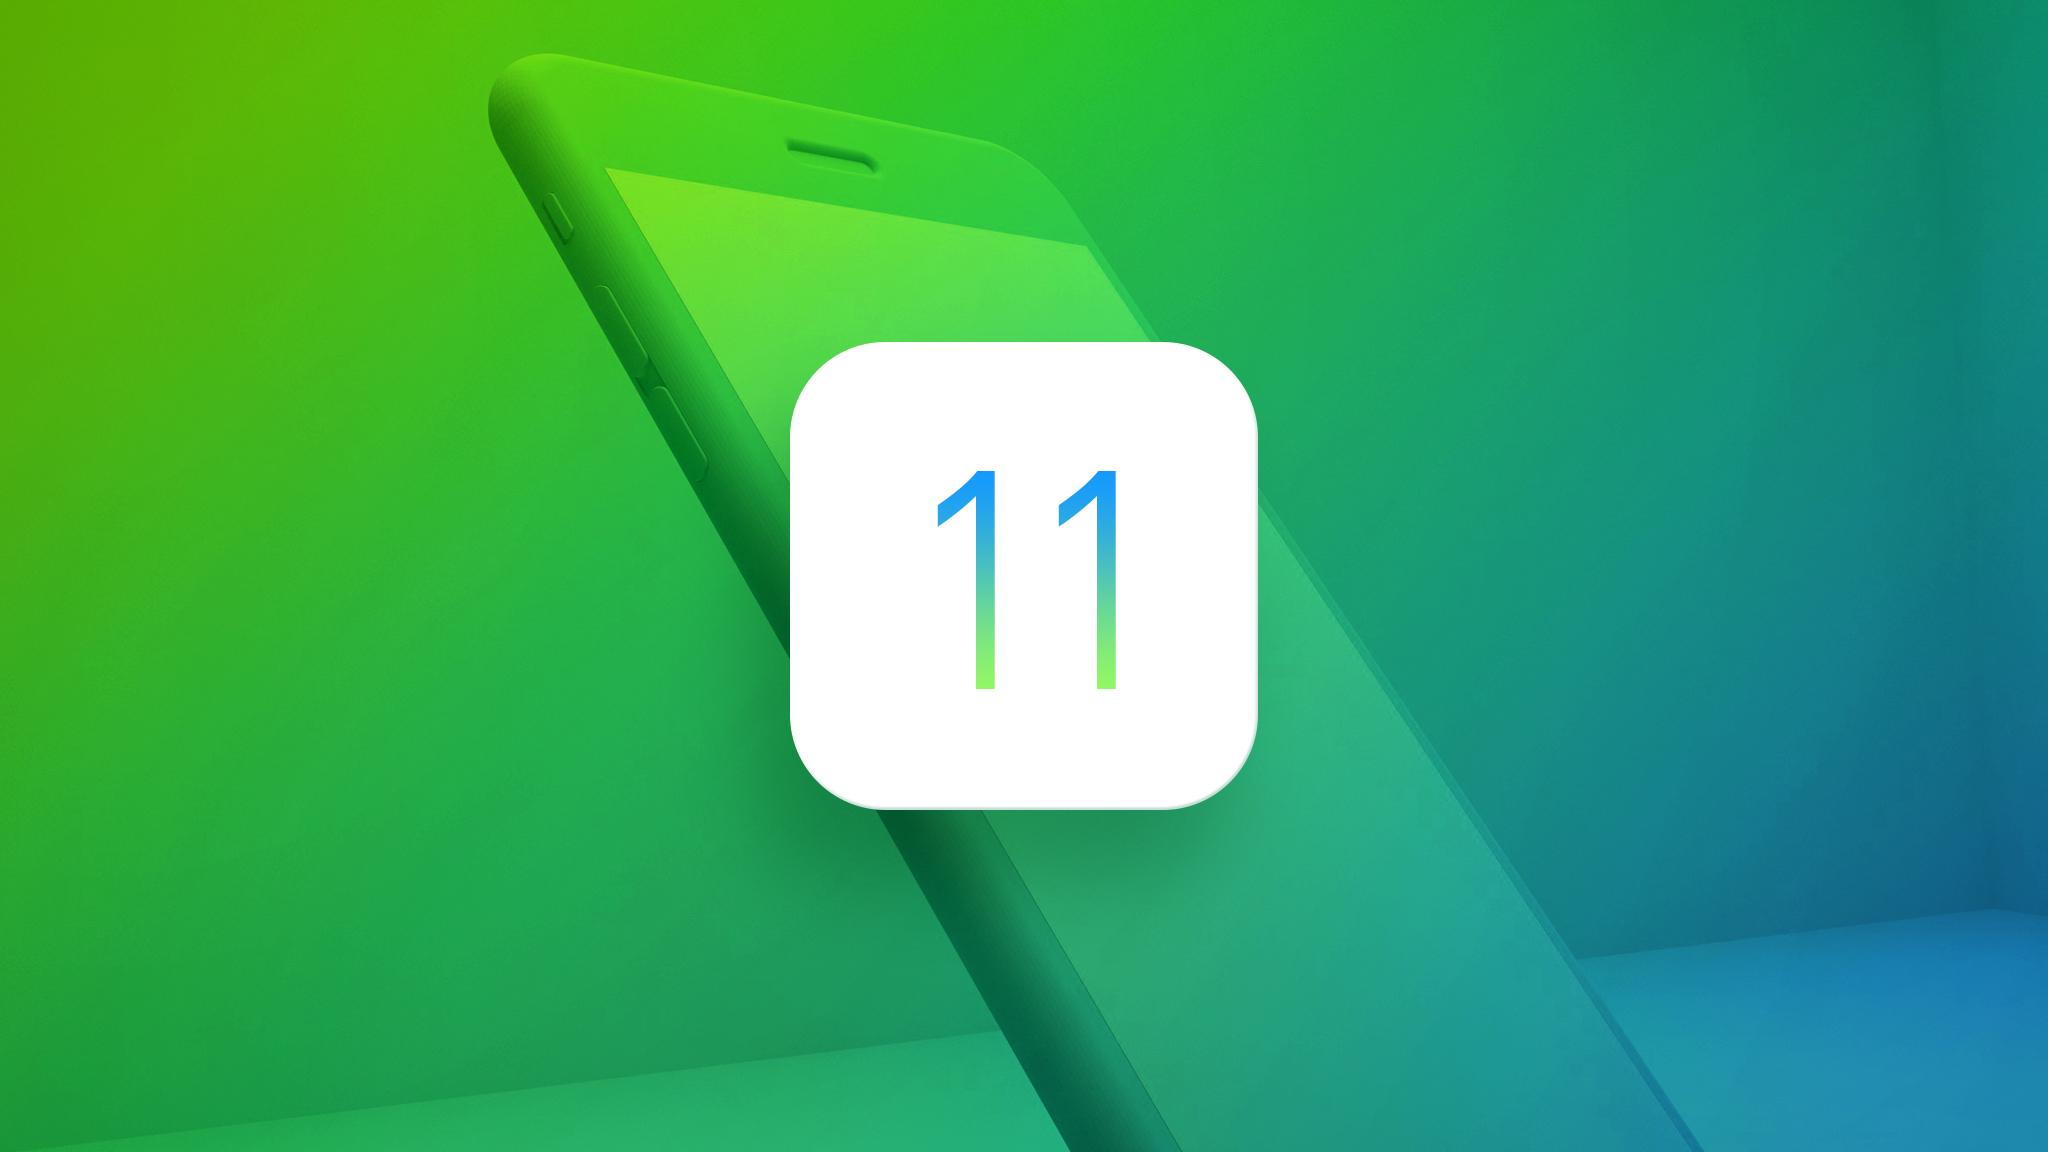 Curso da Udemy de iOS 11